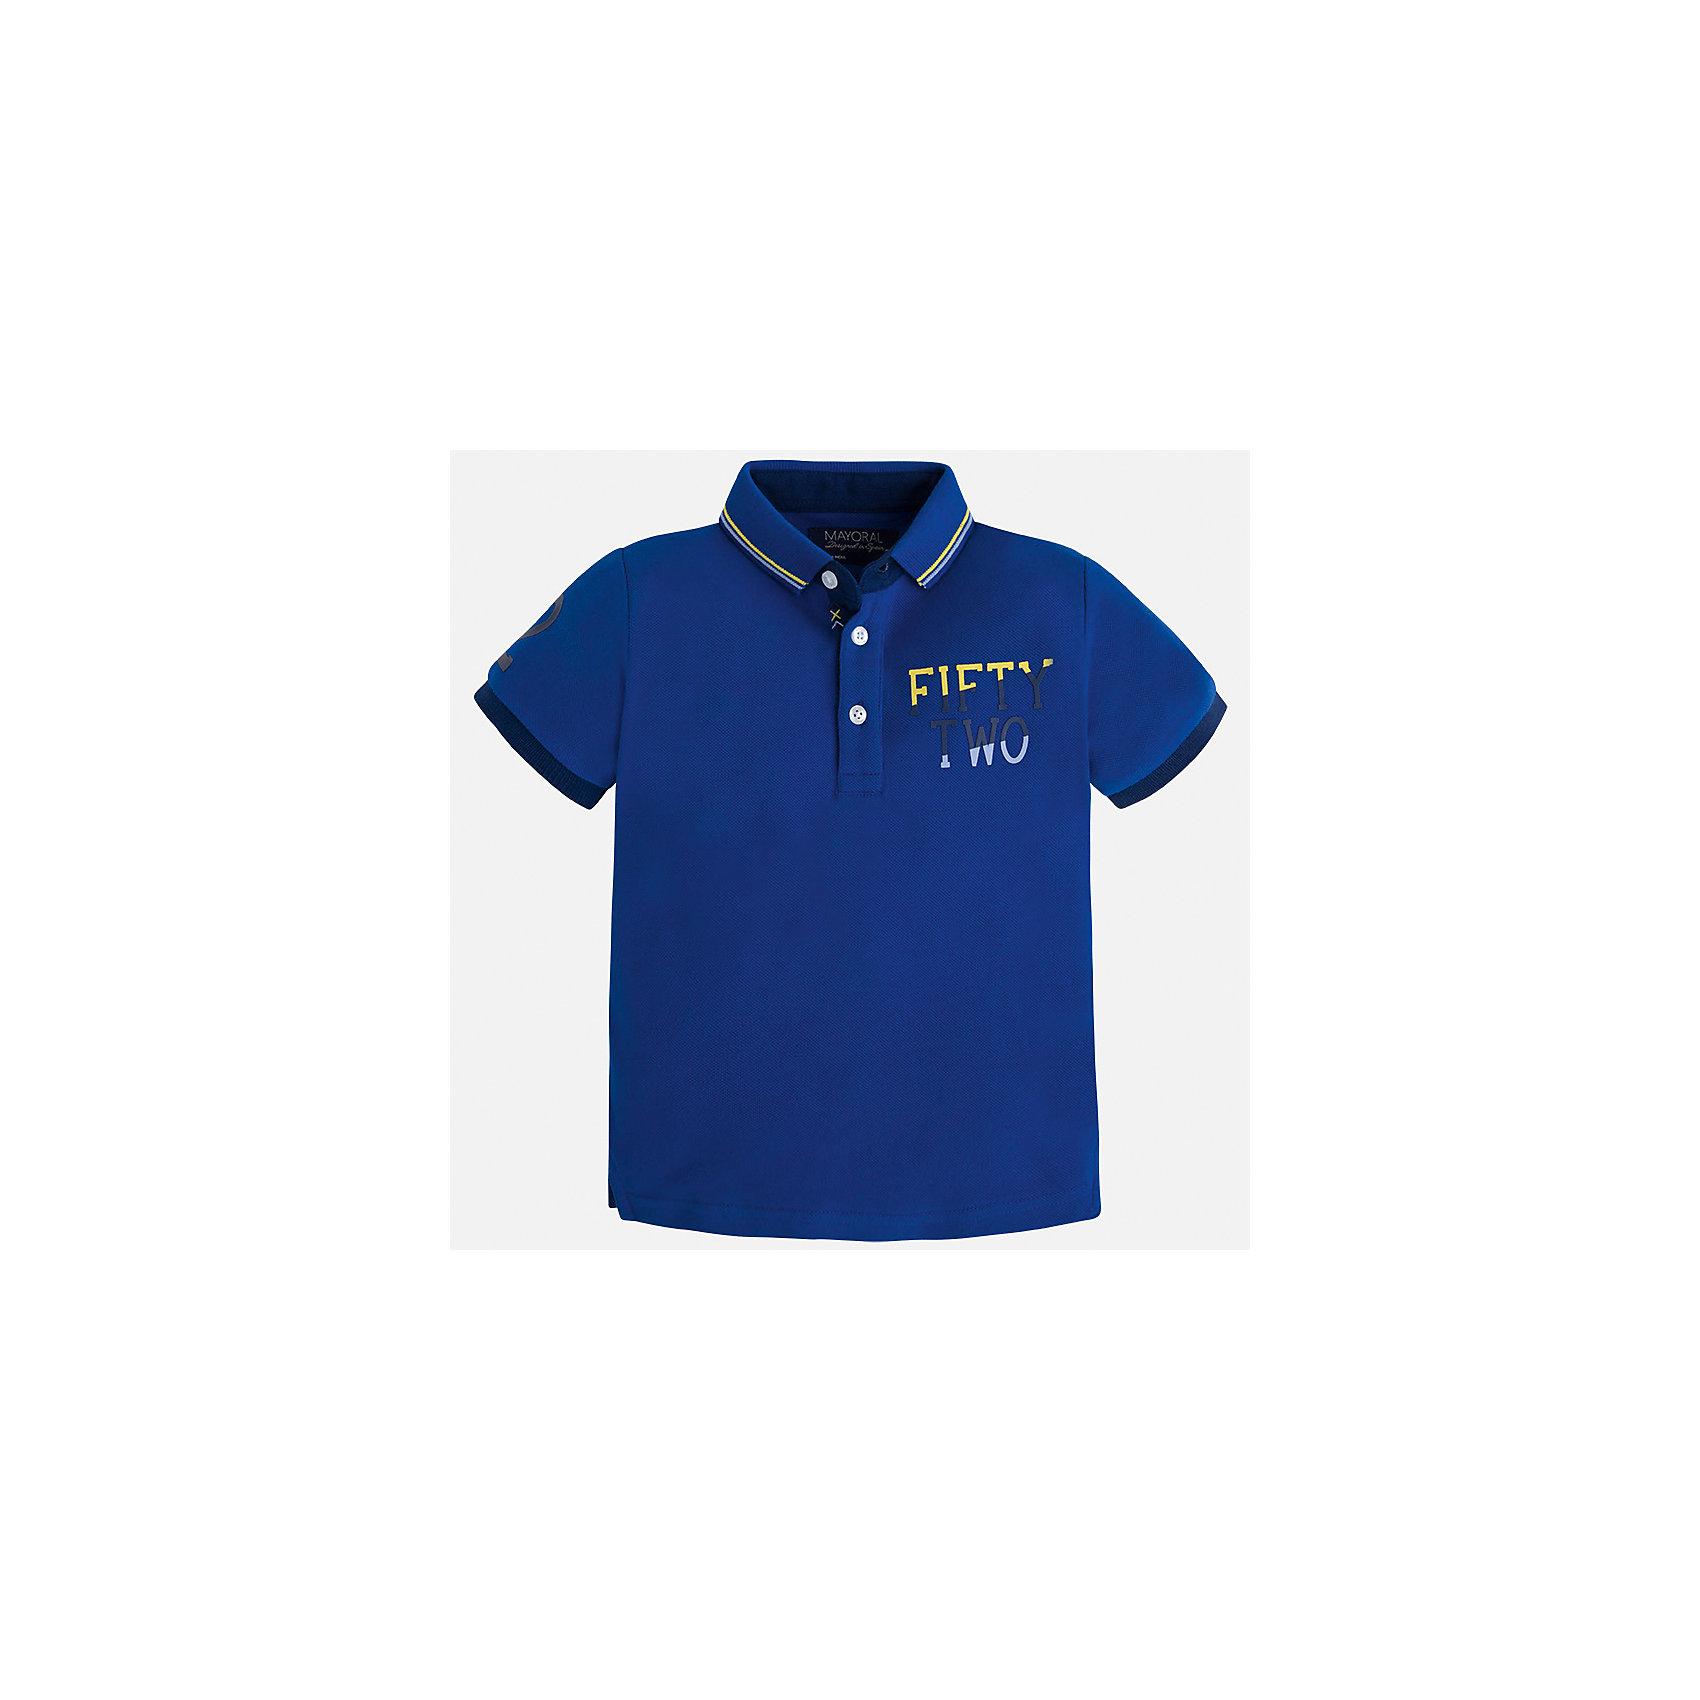 Футболка-поло для мальчика MayoralФутболки, поло и топы<br>Характеристики товара:<br><br>• цвет: синий<br>• состав: 100% хлопок<br>• отложной воротник<br>• короткие рукава<br>• застежка: пуговицы<br>• декорирована принтом<br>• страна бренда: Испания<br><br>Стильная футболка-поло для мальчика может стать базовой вещью в гардеробе ребенка. Она отлично сочетается с брюками, шортами, джинсами и т.д. Универсальный крой и цвет позволяет подобрать к вещи низ разных расцветок. Практичное и стильное изделие! В составе материала - только натуральный хлопок, гипоаллергенный, приятный на ощупь, дышащий.<br><br>Одежда, обувь и аксессуары от испанского бренда Mayoral полюбились детям и взрослым по всему миру. Модели этой марки - стильные и удобные. Для их производства используются только безопасные, качественные материалы и фурнитура. Порадуйте ребенка модными и красивыми вещами от Mayoral! <br><br>Футболку-поло для мальчика от испанского бренда Mayoral (Майорал) можно купить в нашем интернет-магазине.<br><br>Ширина мм: 230<br>Глубина мм: 40<br>Высота мм: 220<br>Вес г: 250<br>Цвет: голубой<br>Возраст от месяцев: 84<br>Возраст до месяцев: 96<br>Пол: Мужской<br>Возраст: Детский<br>Размер: 128,92,110,134,122,98,104,116<br>SKU: 5271931